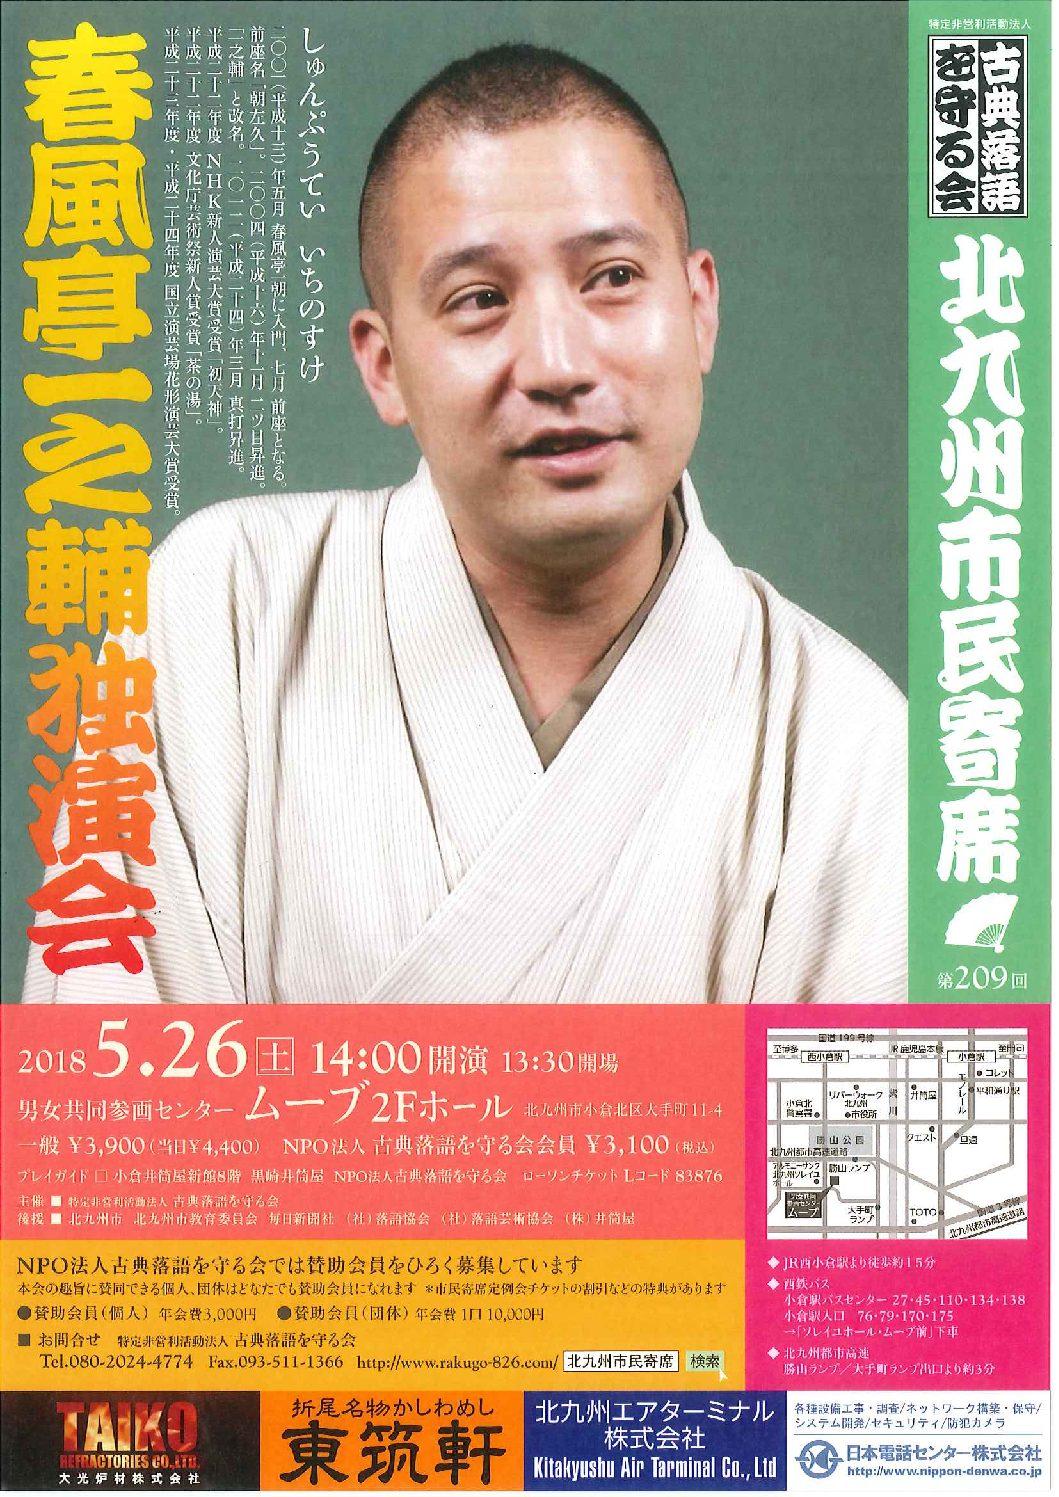 【5月26日開催】第209回北九州市民寄席 春風亭一之輔 独演会